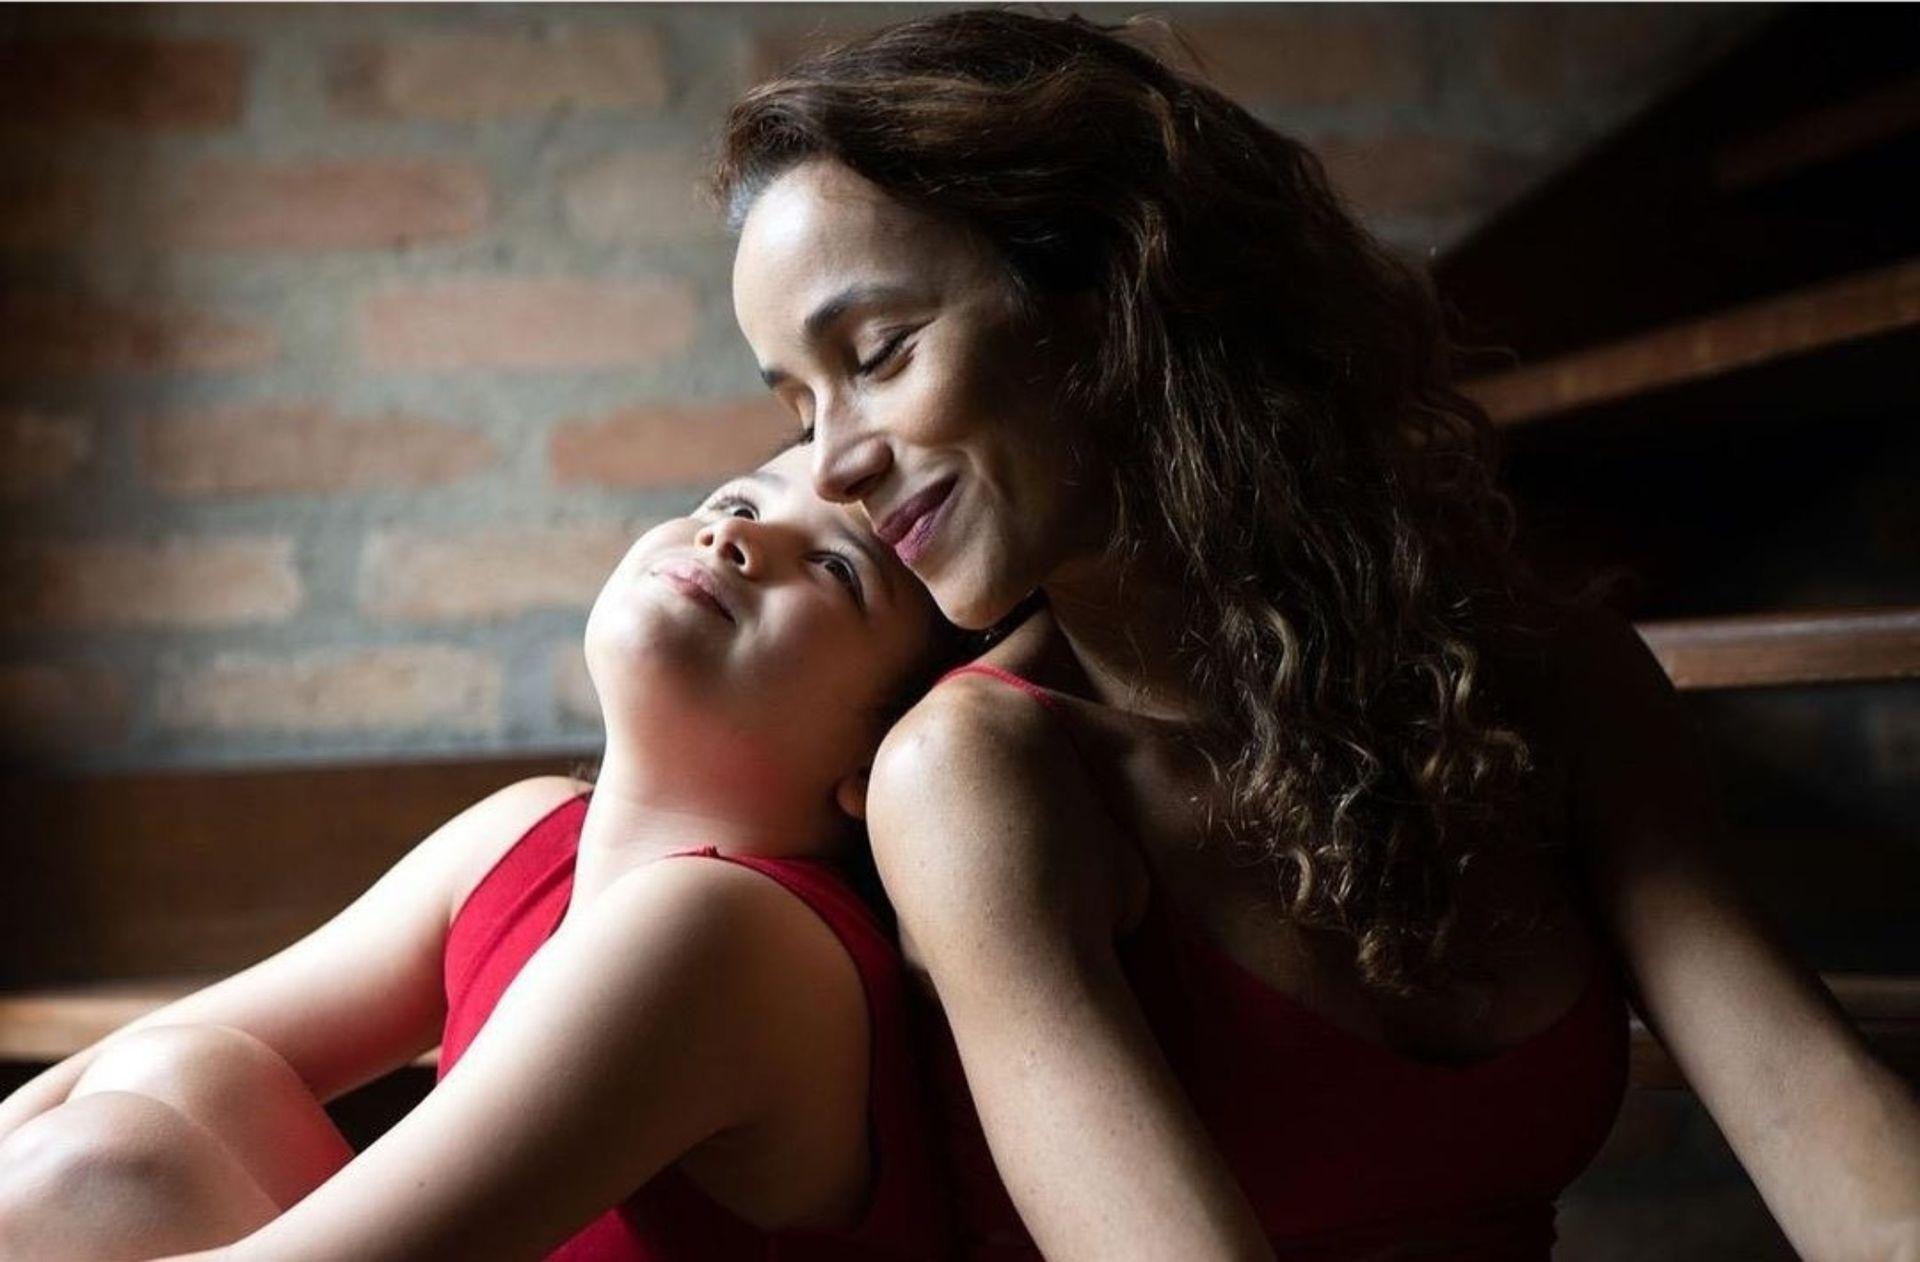 """Pese a que odia la maternidad, Karla dice que ama a su hija: """"Construimos nuestra relación basada en el amor, con verdad y respeto. Y la respeto y la amo tanto que la amo más allá de la condición de mi hija""""."""